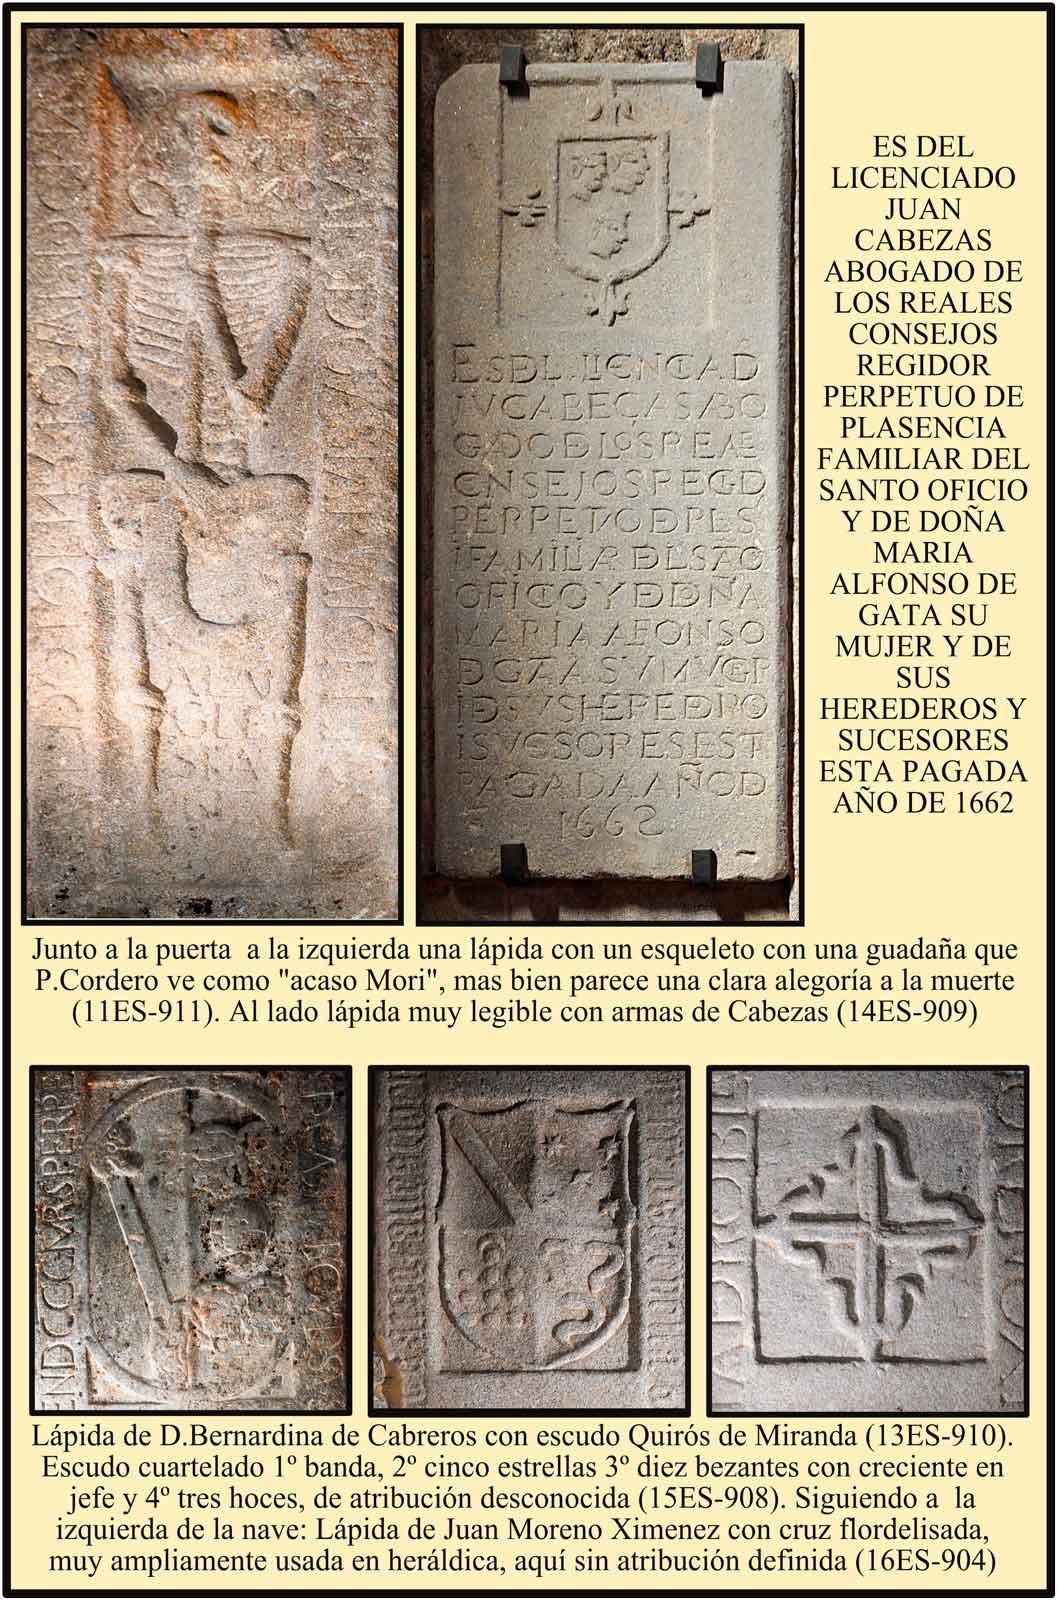 Escudos en las lapidas sepulcrales de la Iglesia de El Salvador